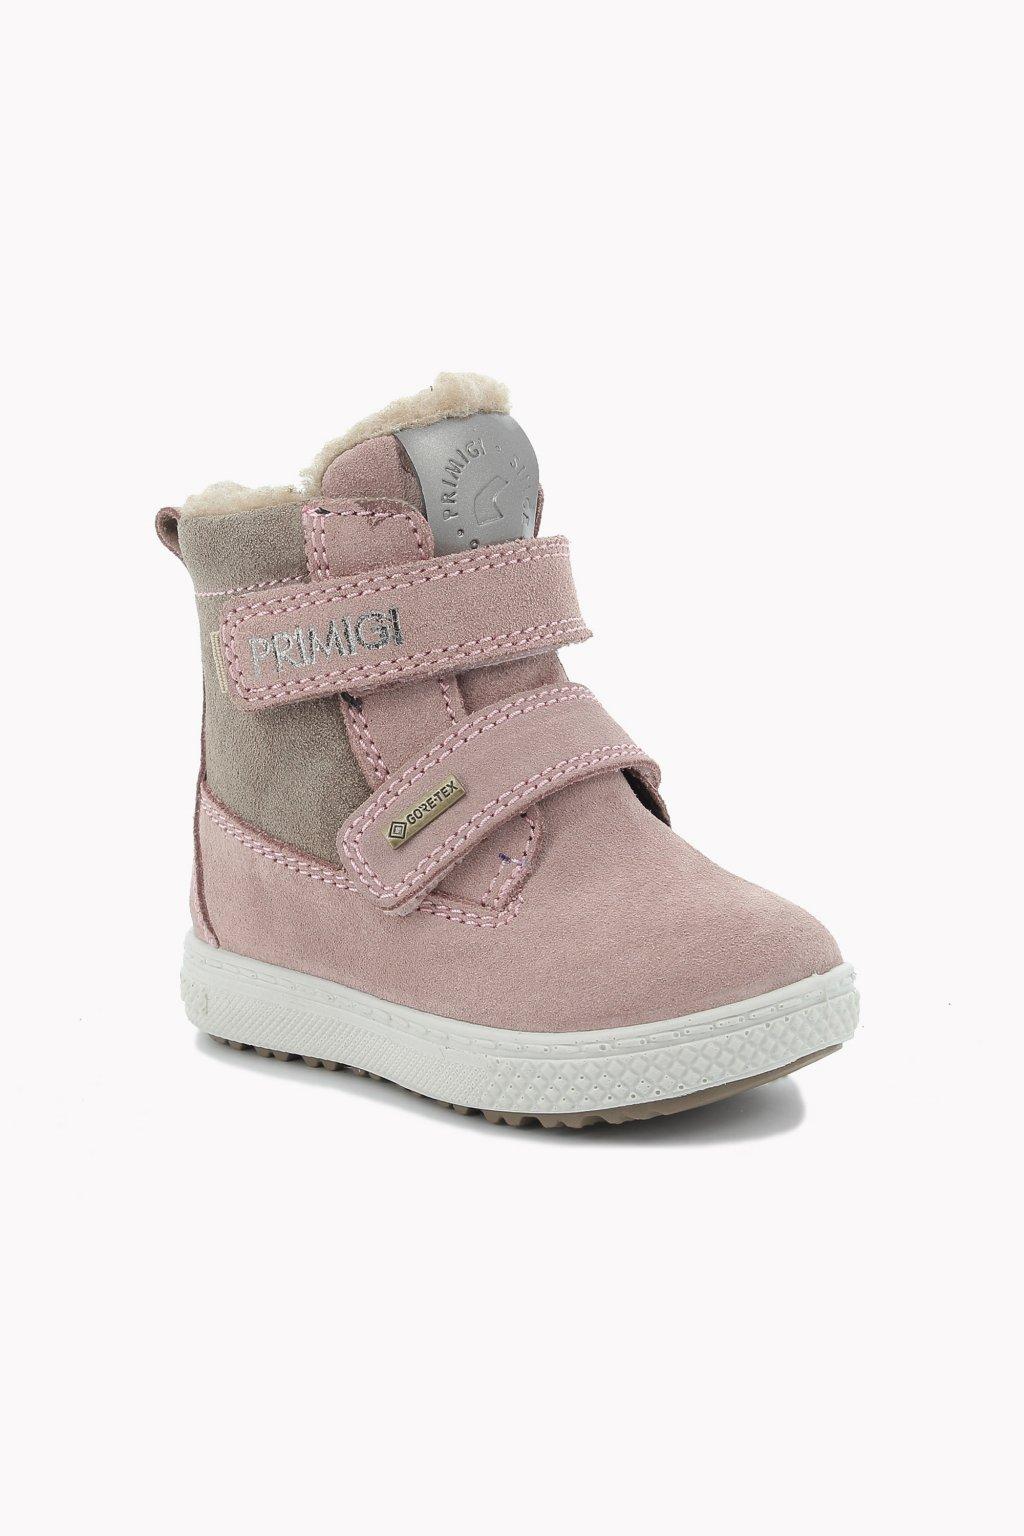 Primigi - GORETEX dívčí vysoká zimní obuv (Barva růžová, Velikost 29)